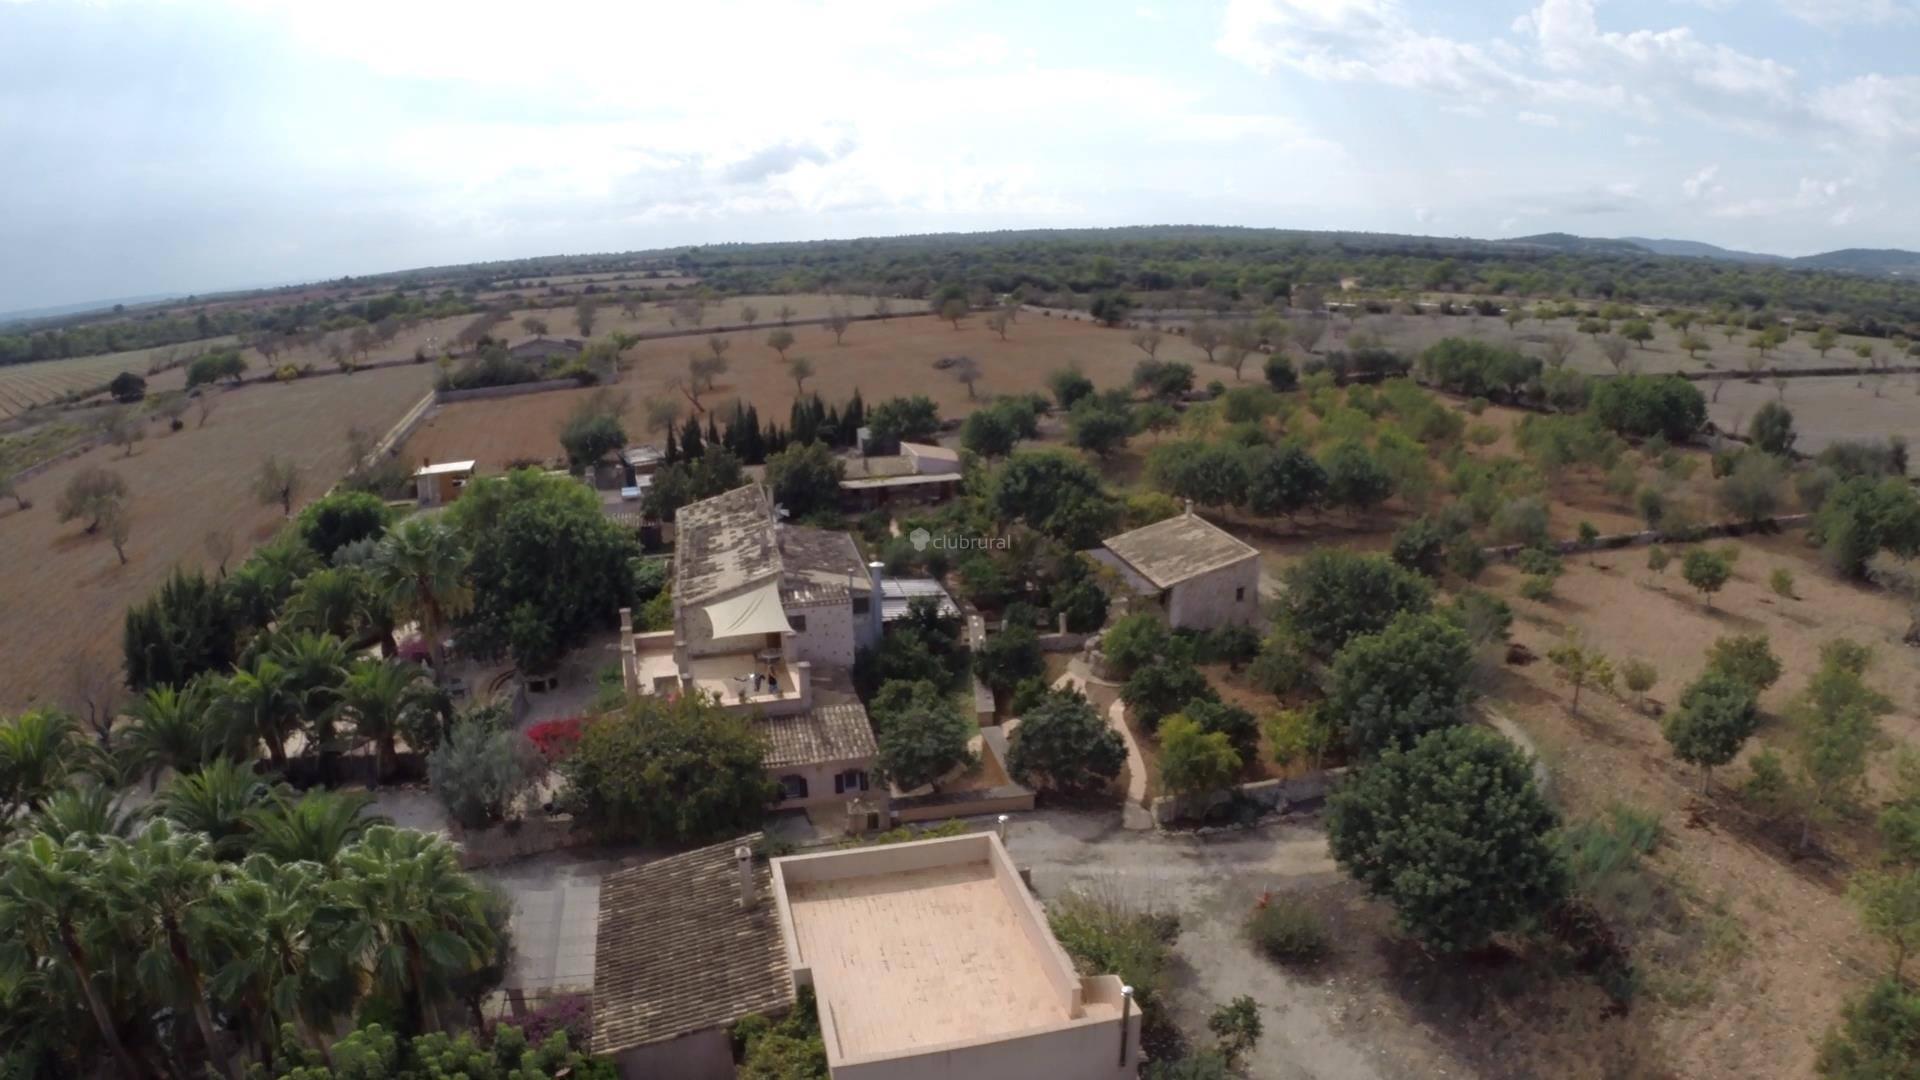 Fotos de agroturismo s horabaixa mallorca felanitx clubrural - Casa rural palma de mallorca ...